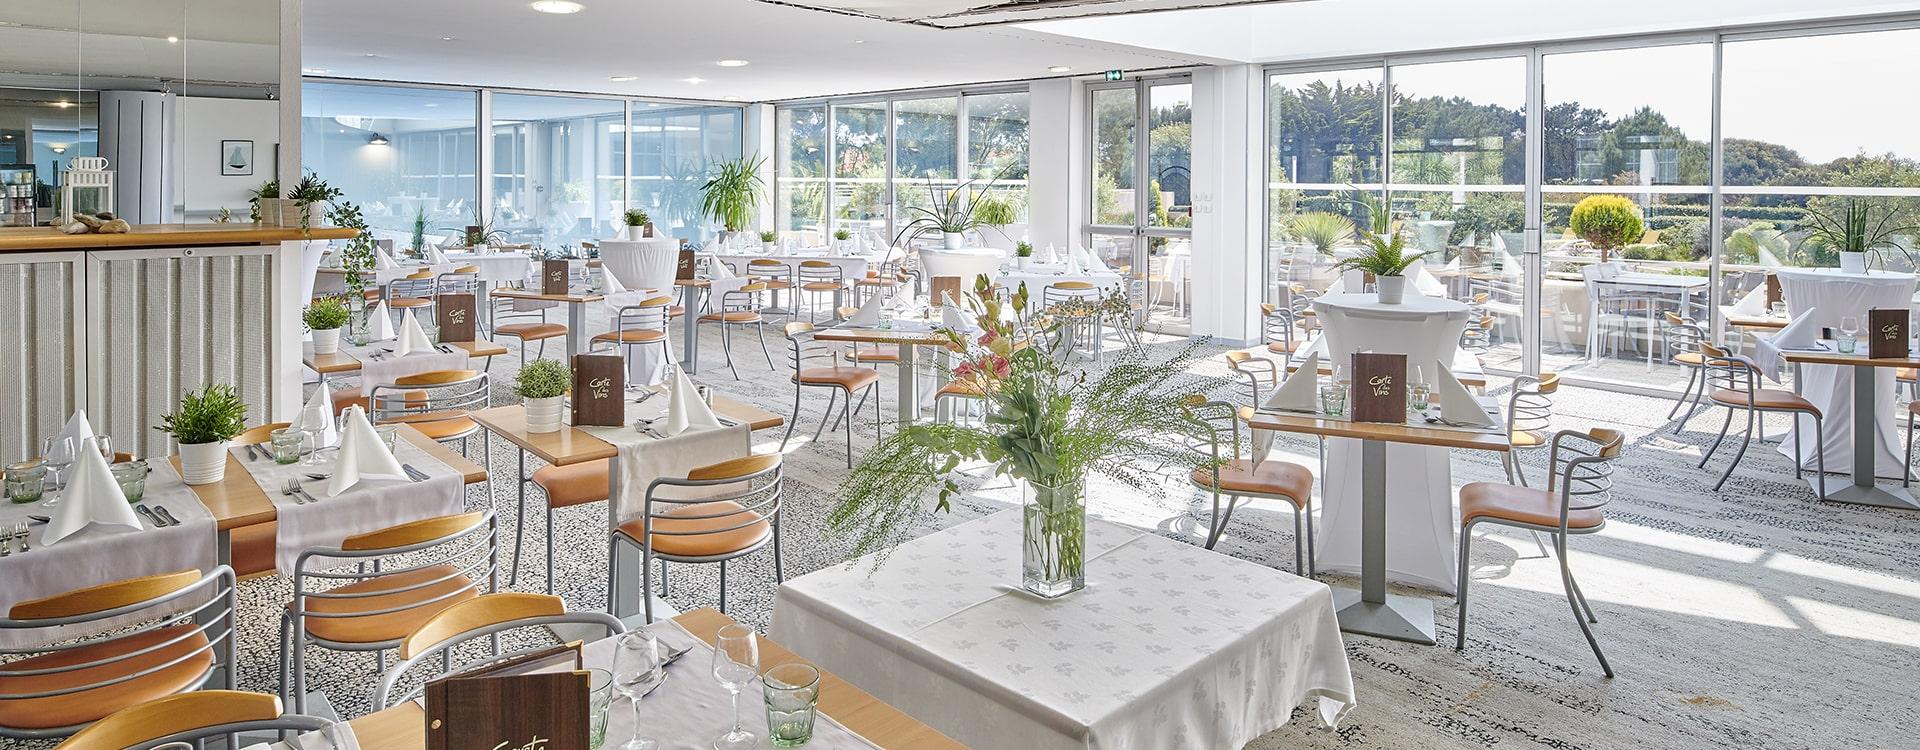 Jardins de l'Atlantique restaurant